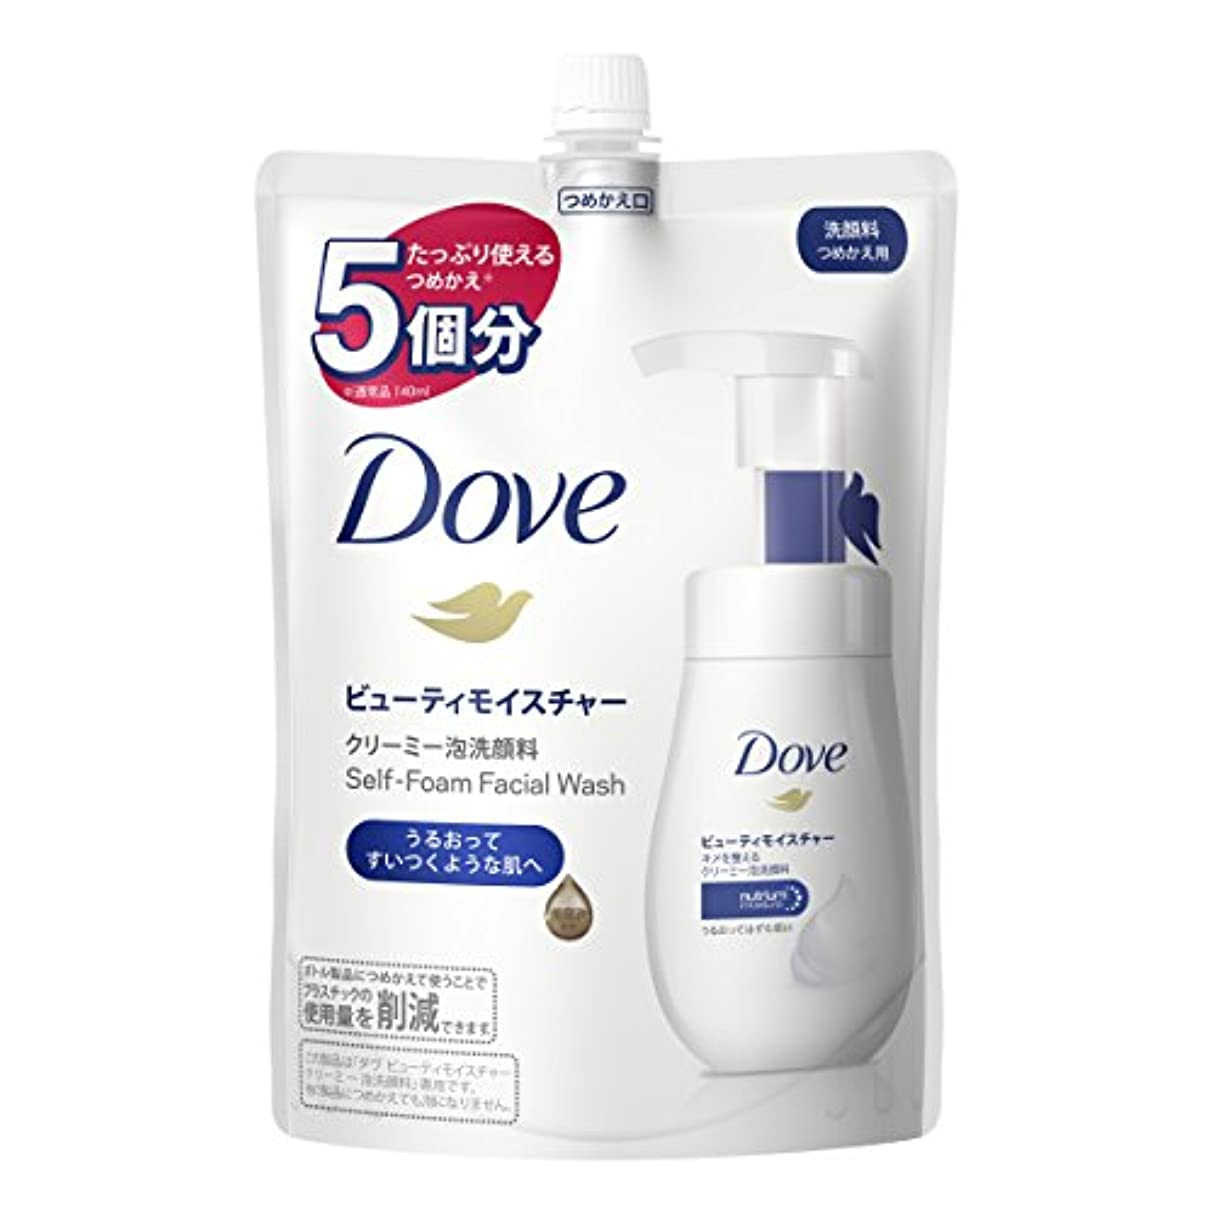 文芸肥料のれんダヴ ビューティモイスチャー クリーミー泡洗顔料 つめかえ用 700ml